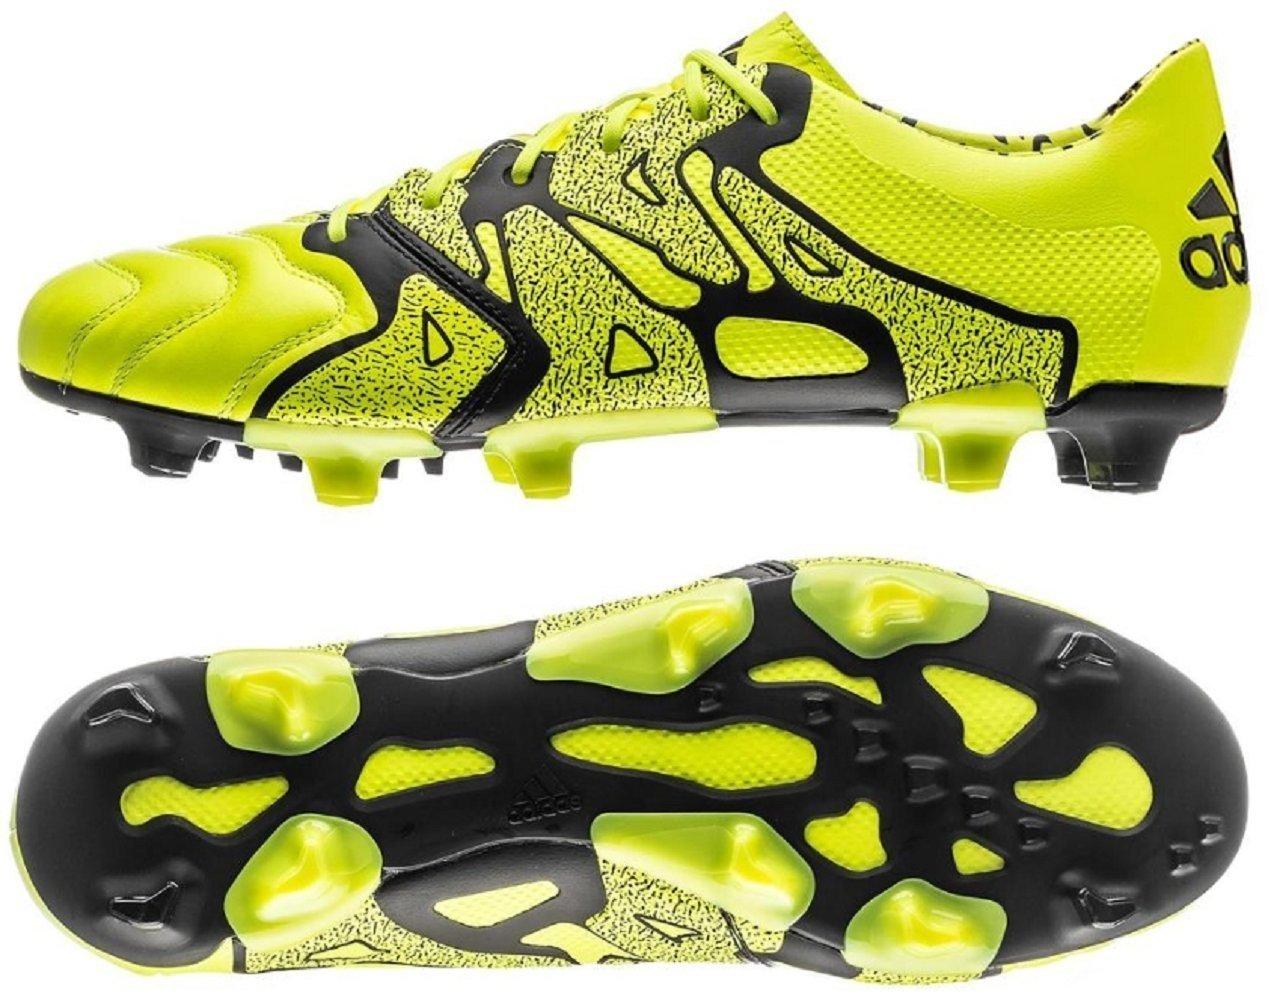 アディダス adidas 28.5cm 天然芝/人工芝用 サッカースパイク エックス X 15.1 FG/AG 国内正規品 B26979 ソーラーイエロー B0797DR6MX